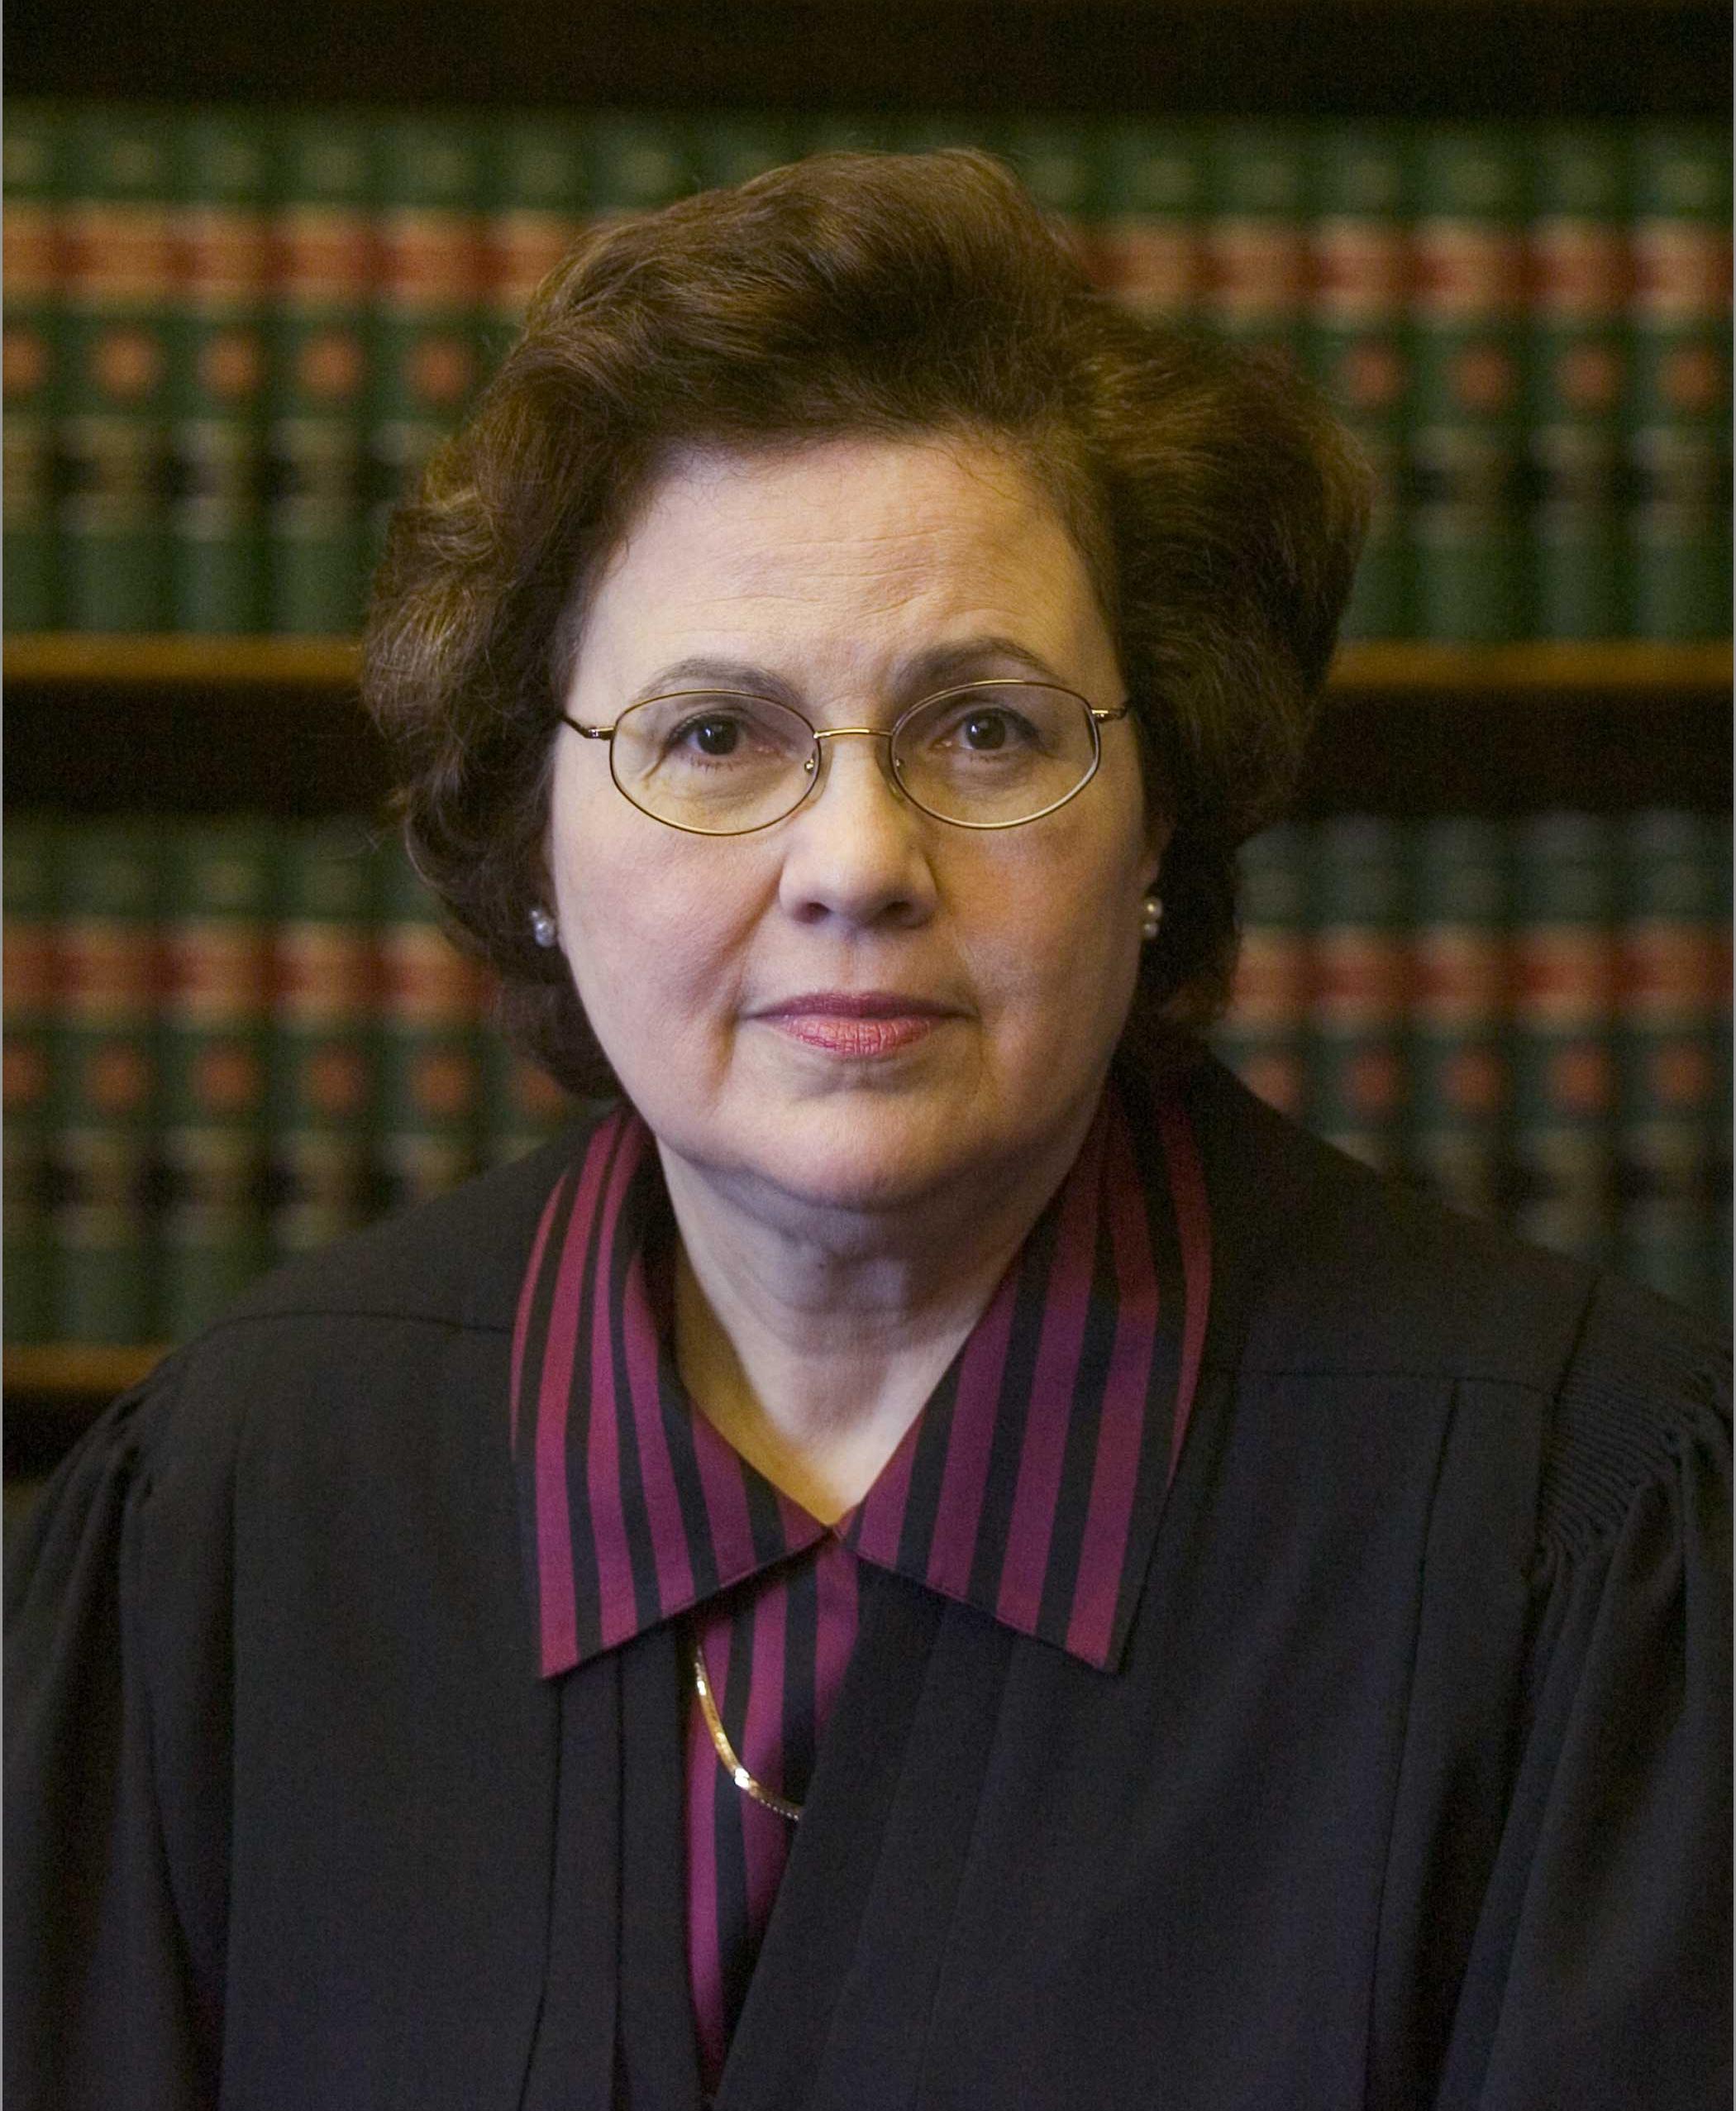 Hon. Carmen Beauchamp Ciparick